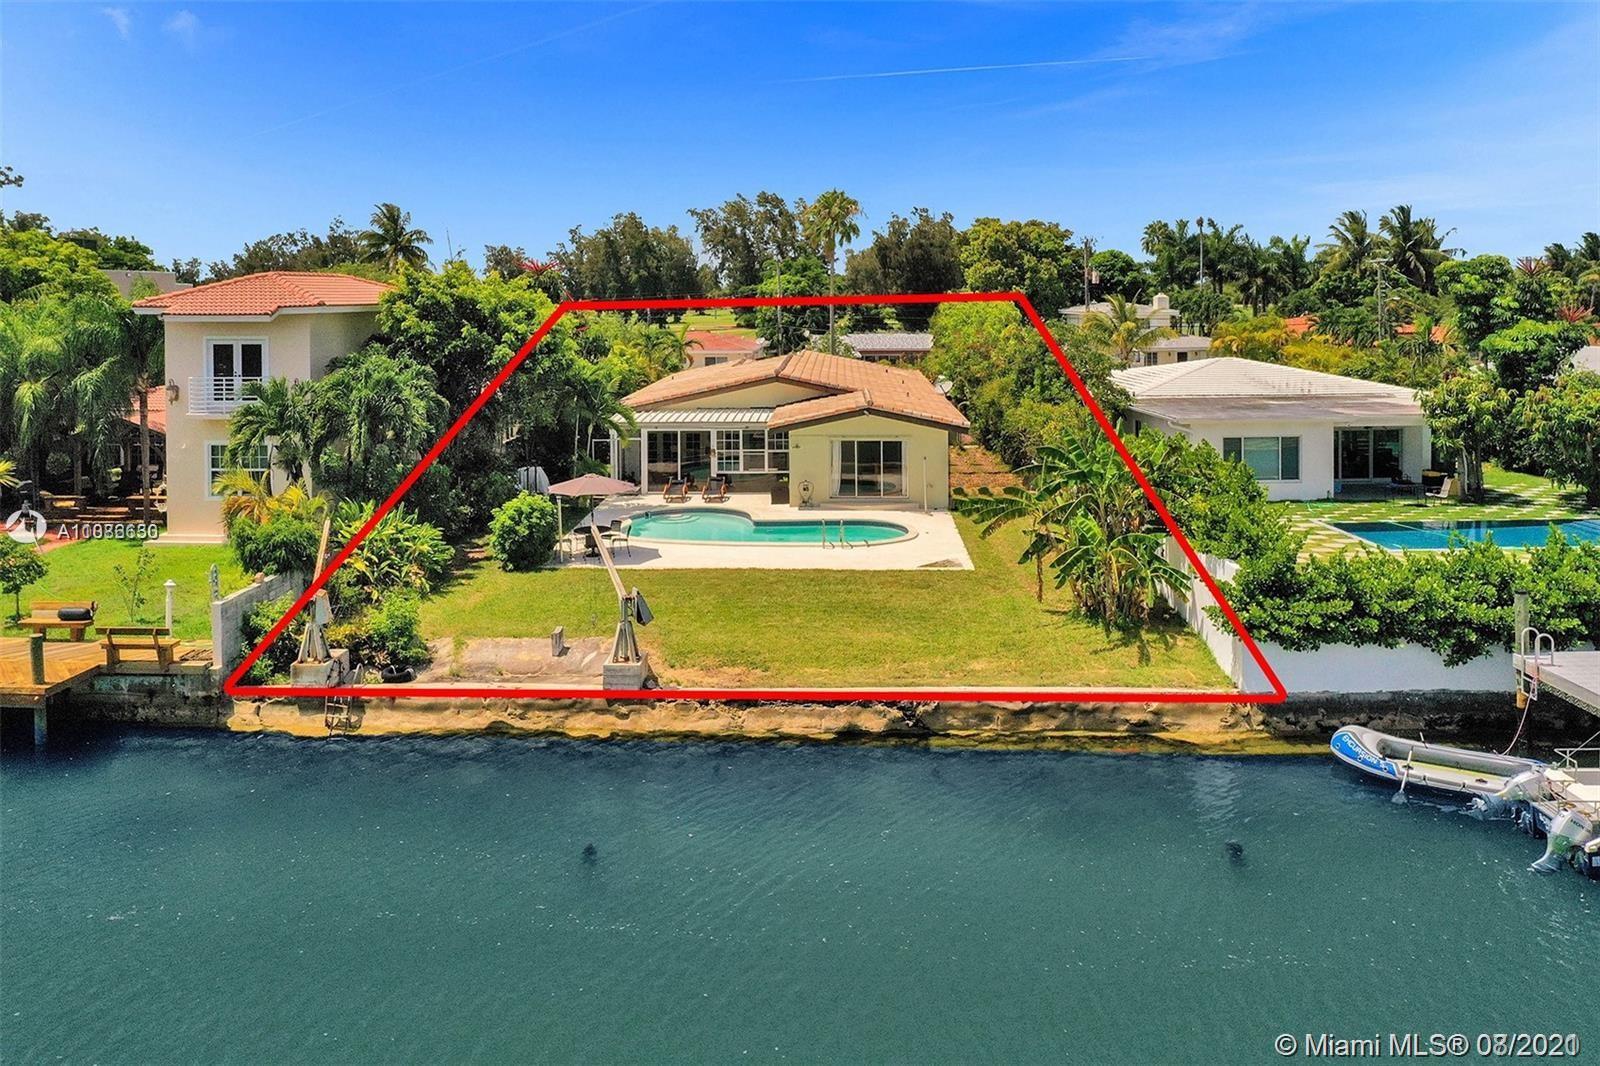 Isle of Normandy - 750 S Shore Dr, Miami Beach, FL 33141